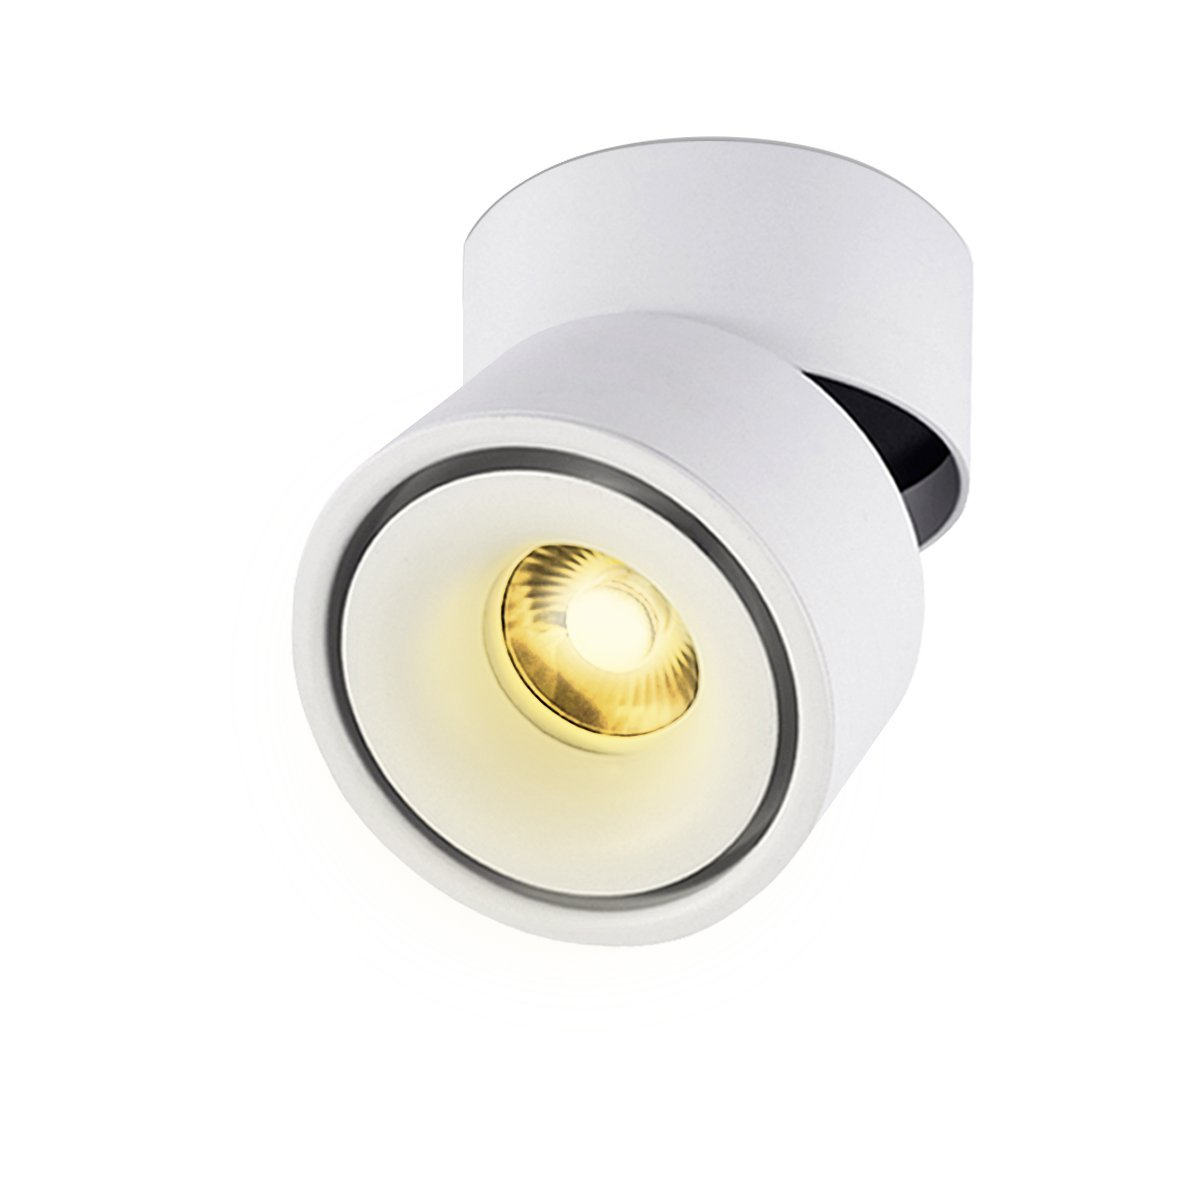 LANBOS luz de techo LED Lámpara de pared - luz de techo y pared, Led Downlight,Focos para el techo, luz blanca cálida, 3000K,10 W, IP20, 10X10CM, ...